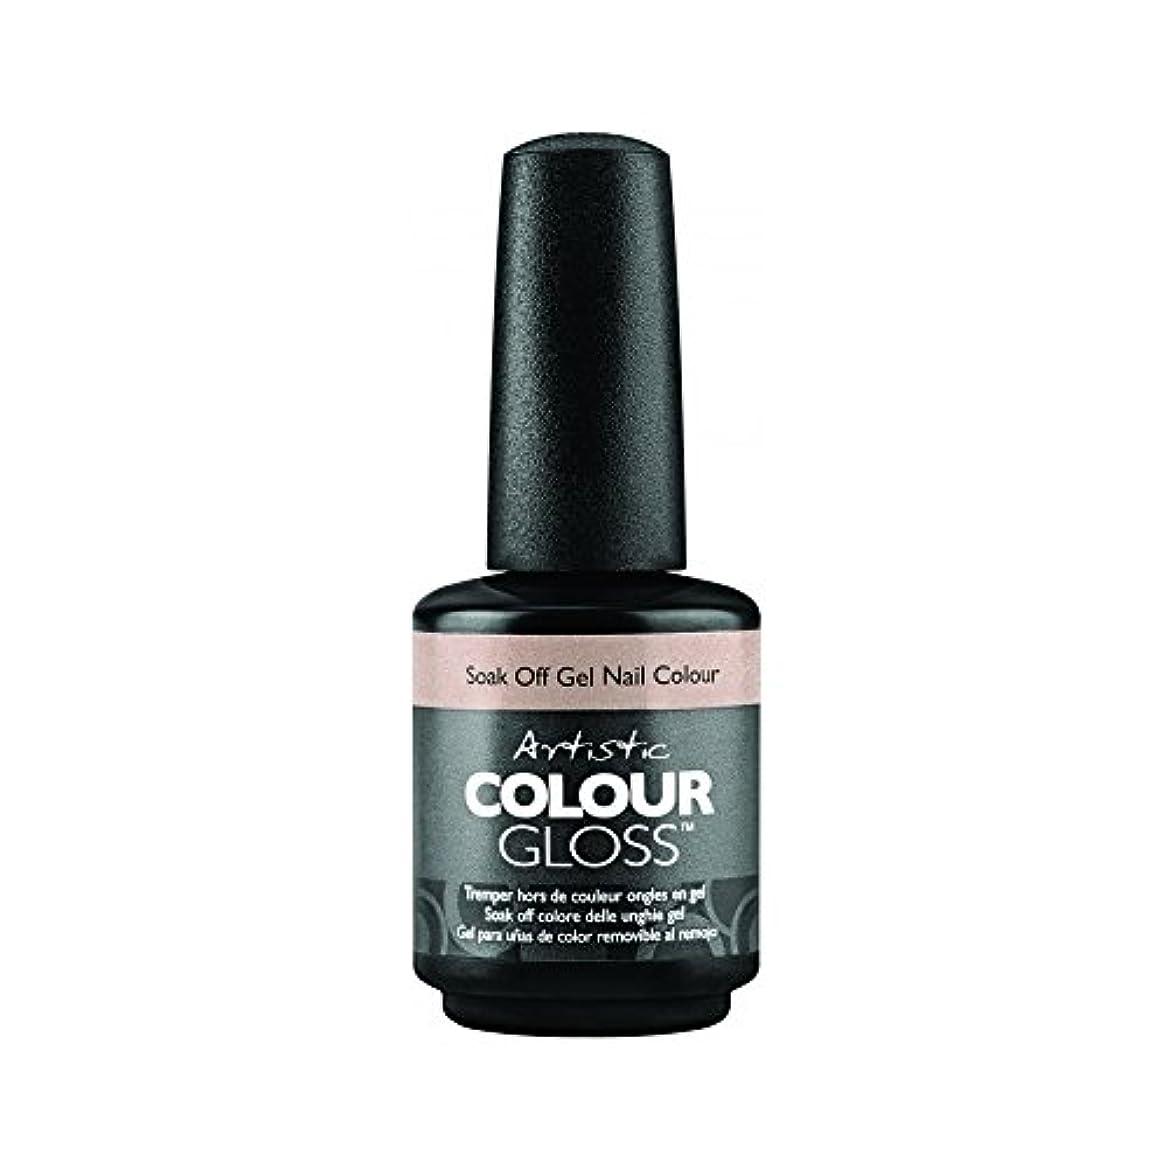 構想する意図意味するArtistic Colour Gloss - Bride and Prejudice - 0.5oz / 15ml